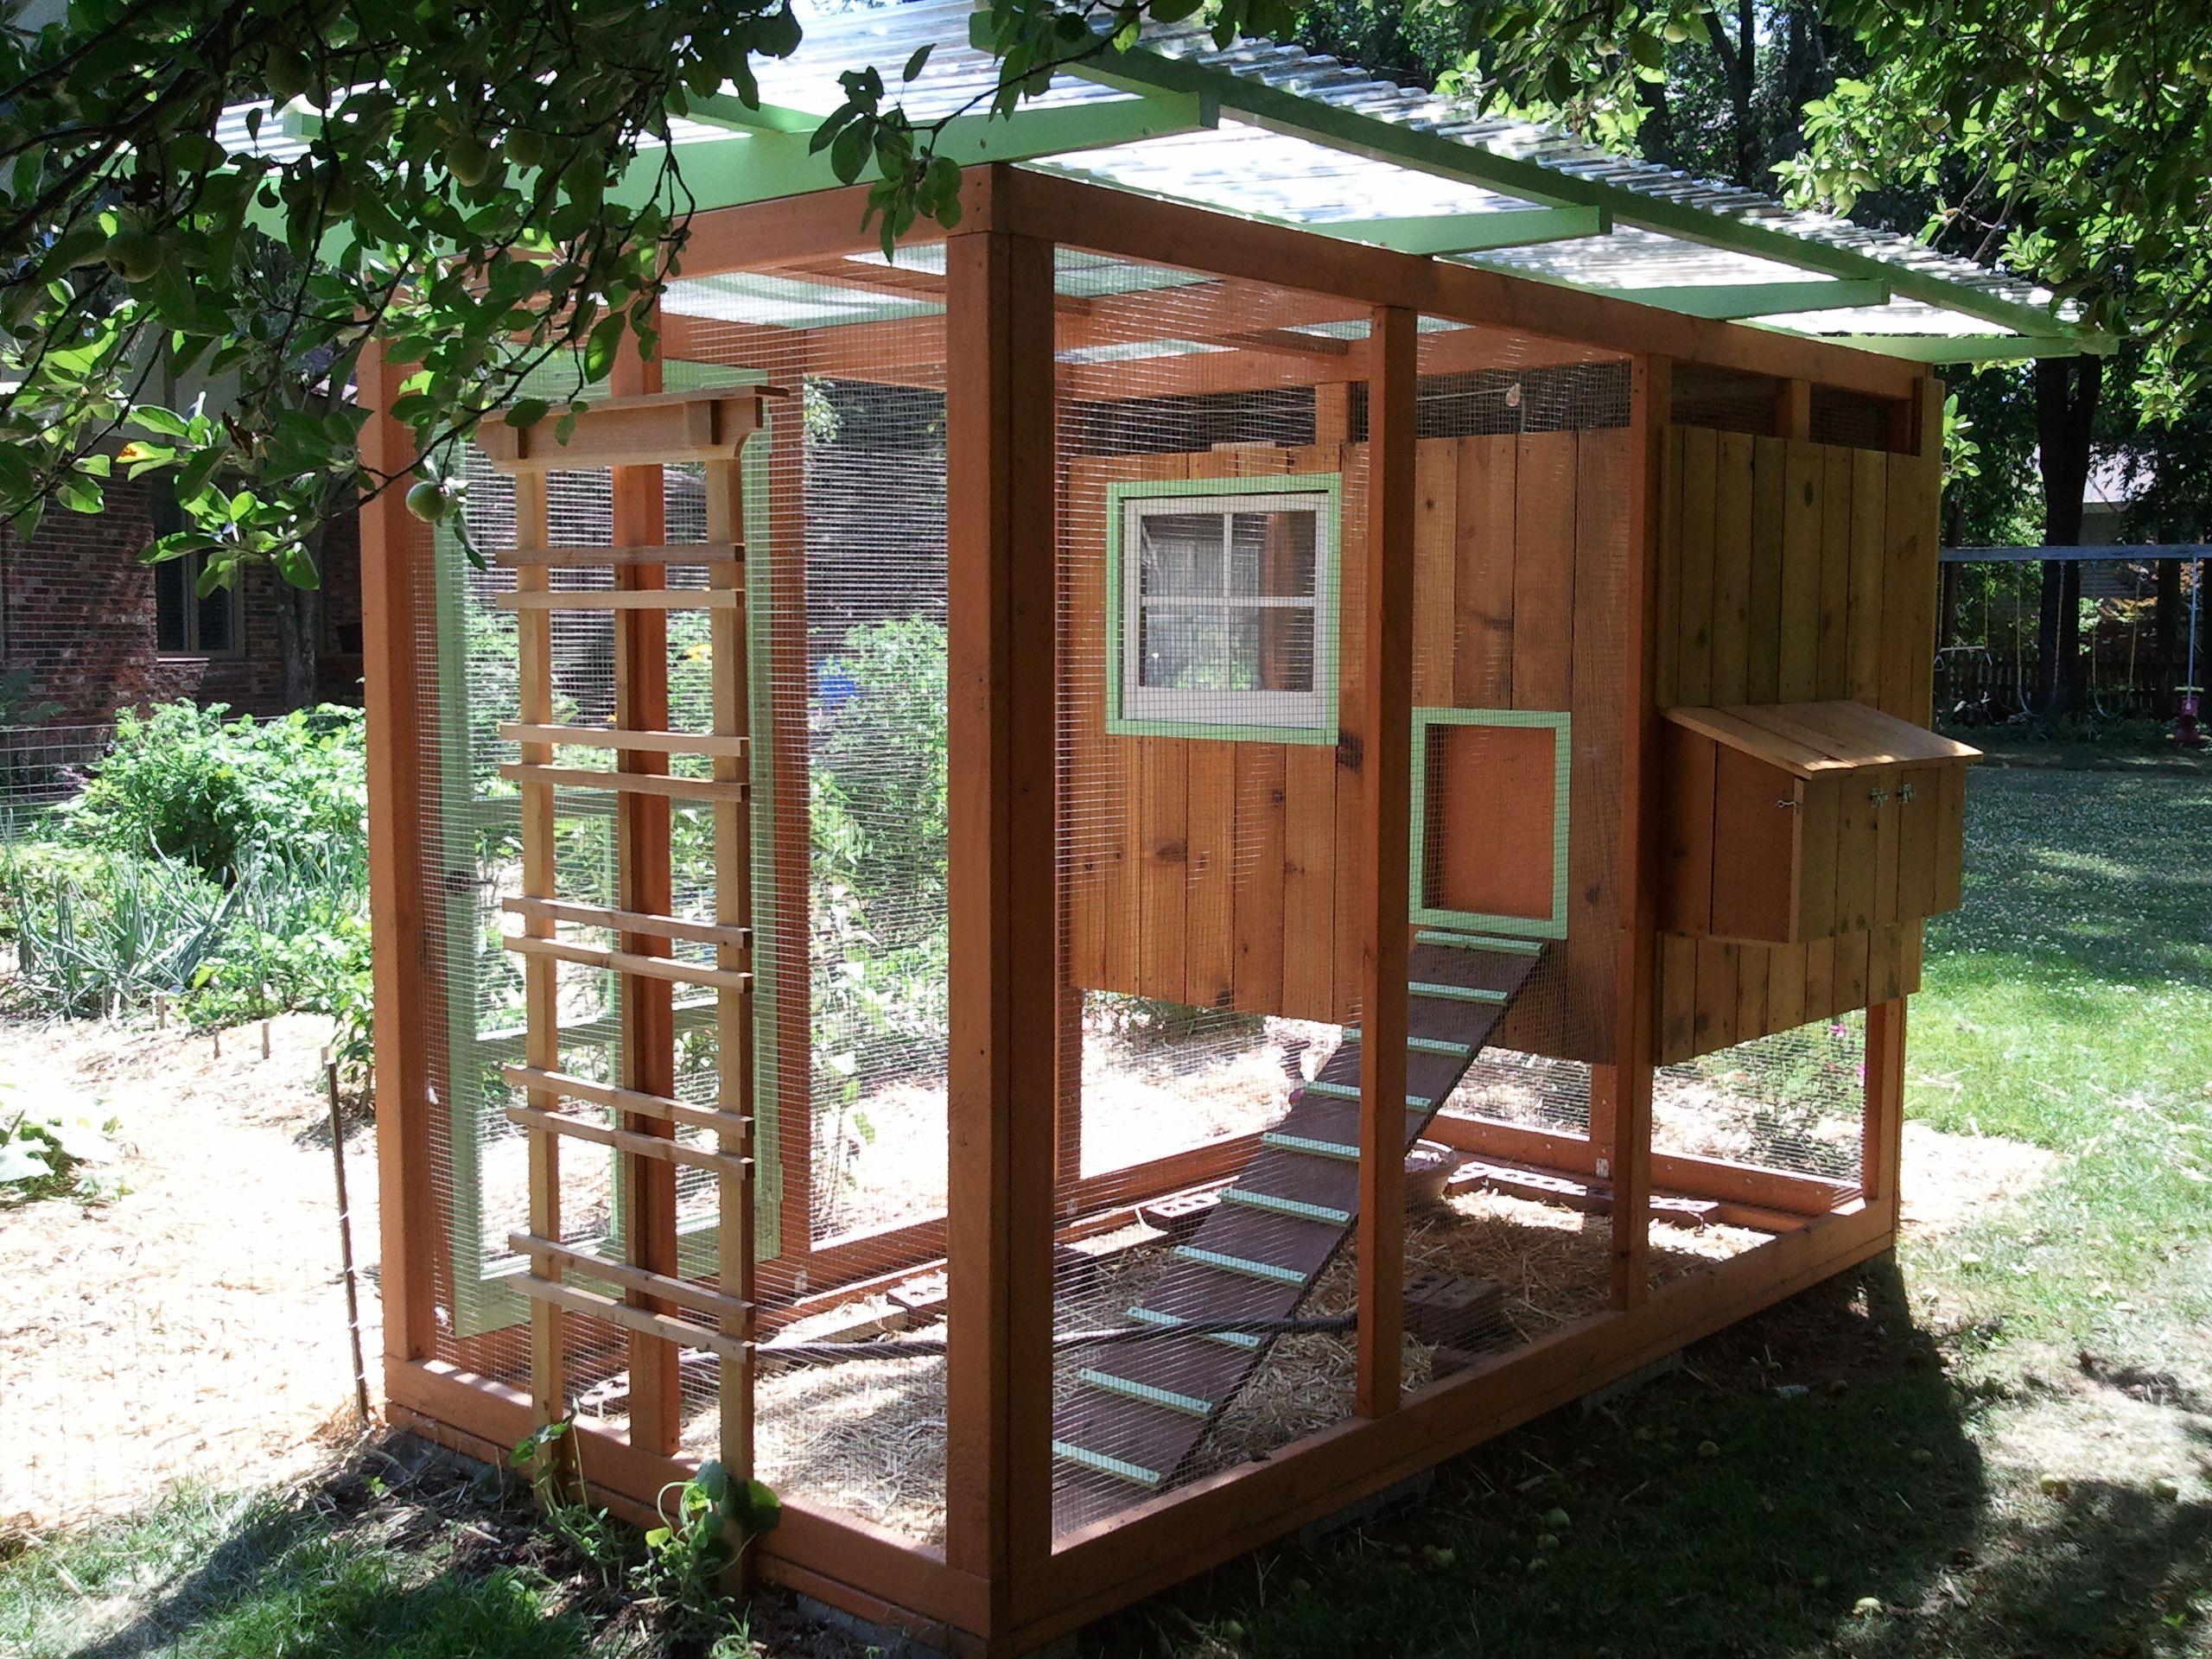 Bluegrass Coop Chickens Backyard Diy Chicken Coop Plans Backyard Coop